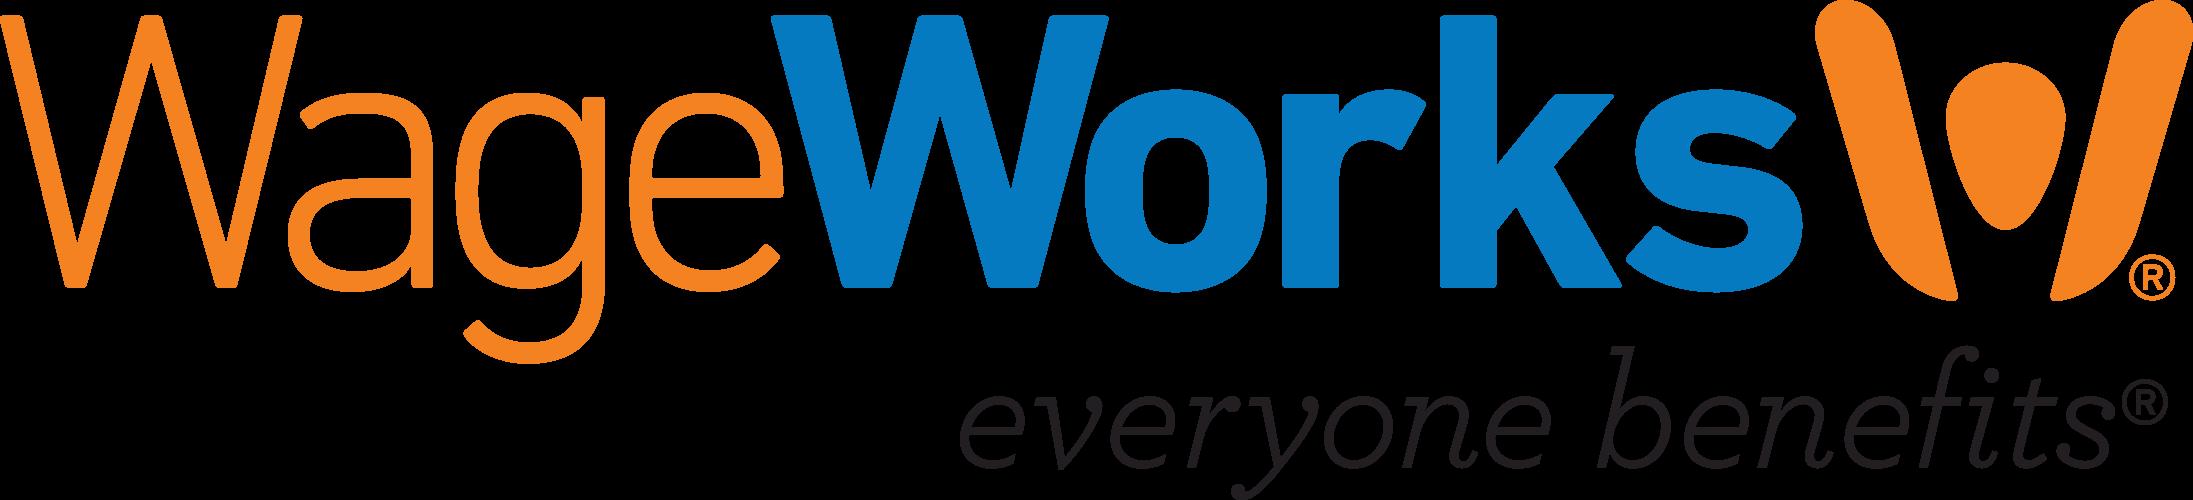 wageworkslogo